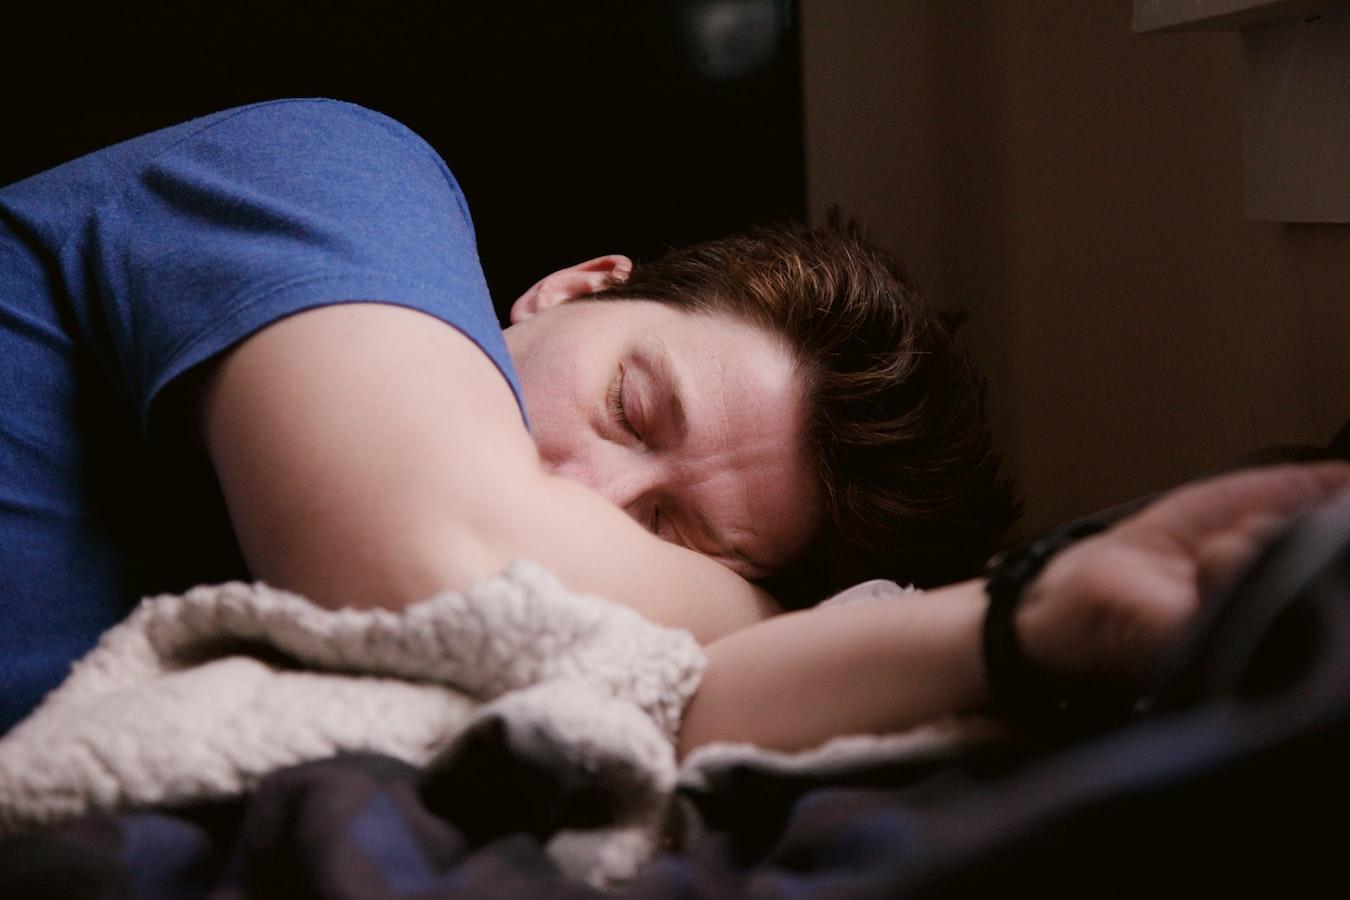 睡眠呼吸中止症猝死風險高!3種面相較容易得到   Heho健康